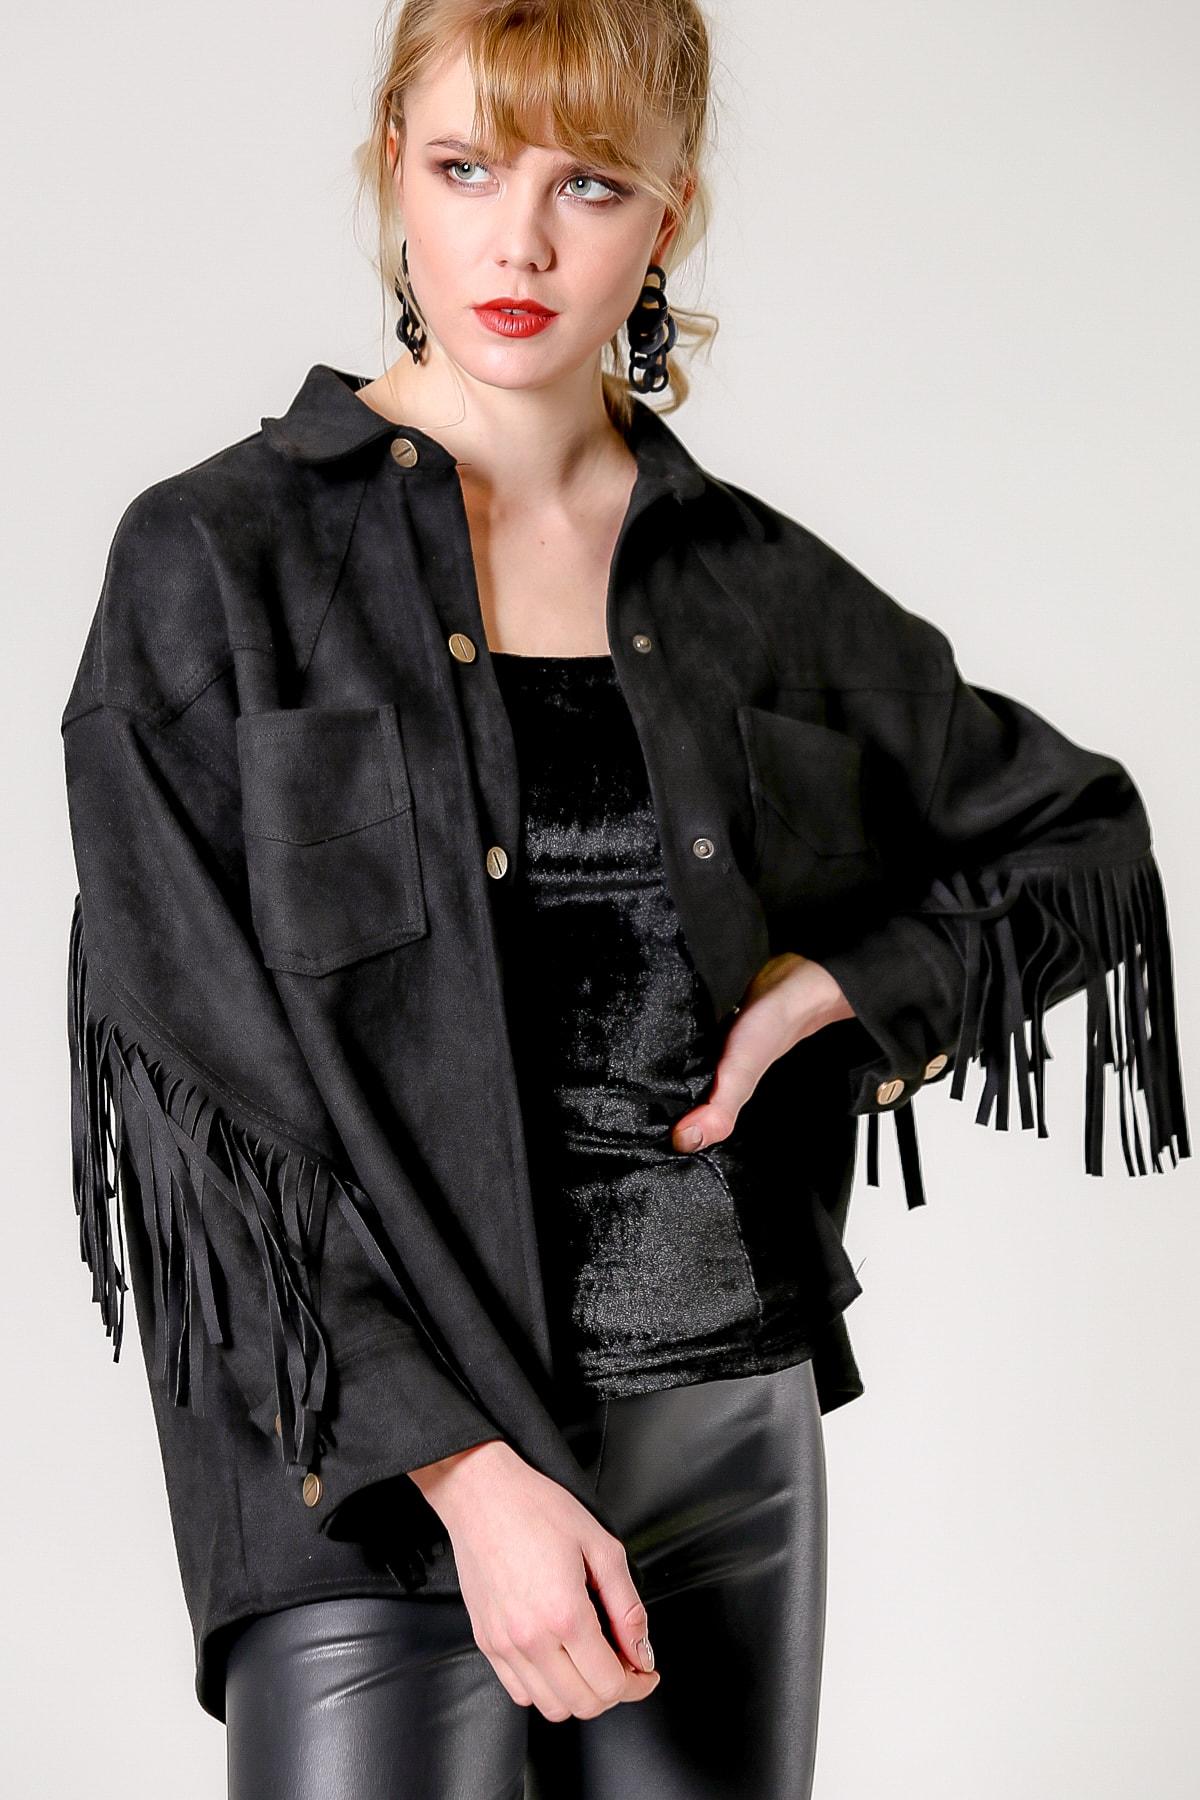 Chiccy Kadın Siyah Kızılderili Saçaklı Süet Ceket M10210100CE99419